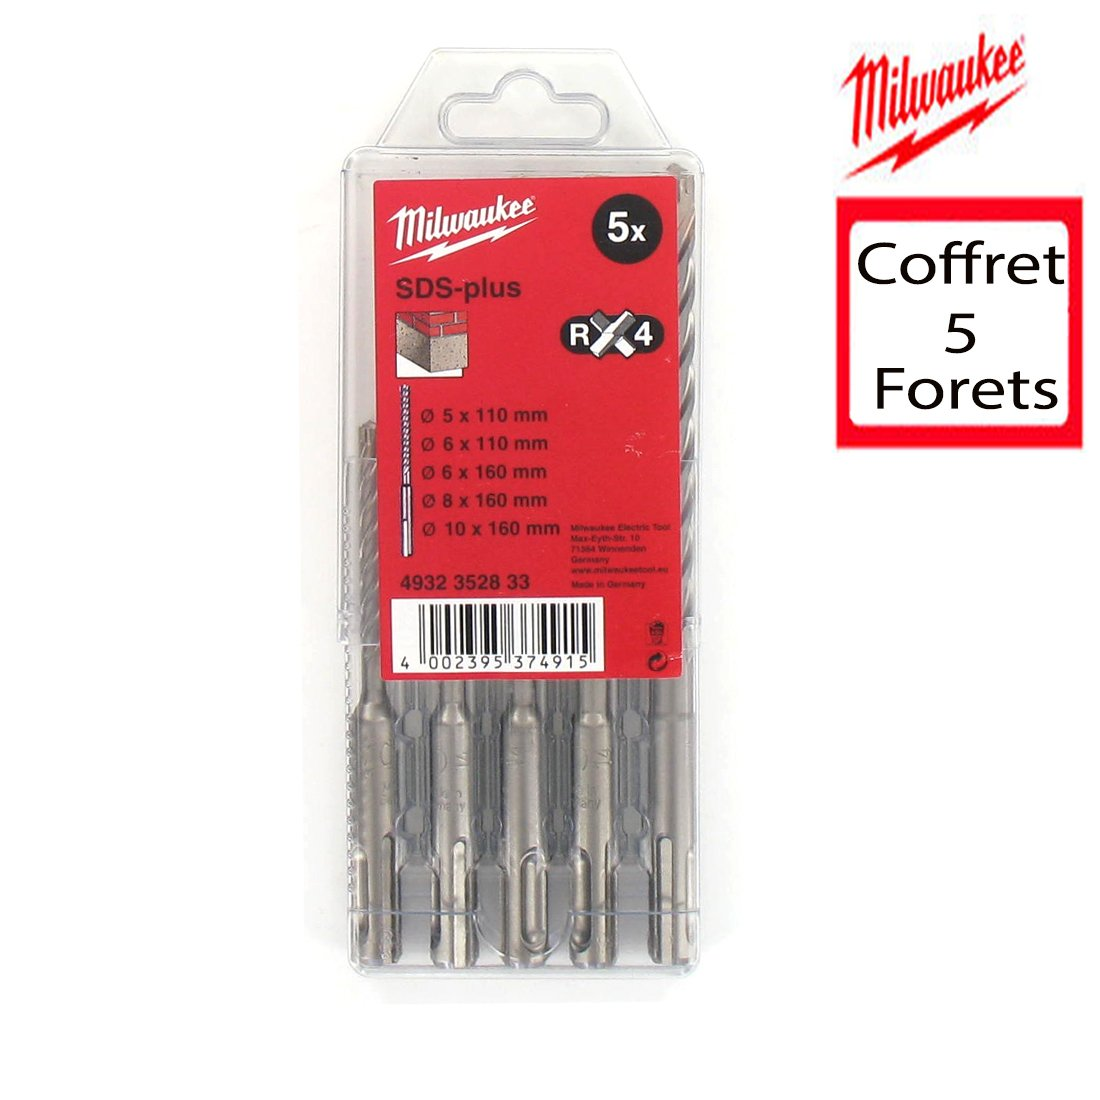 Milwaukee RX4 SDS-plus 4932352833 Caja de brocas para hormig/ón 5 unidades